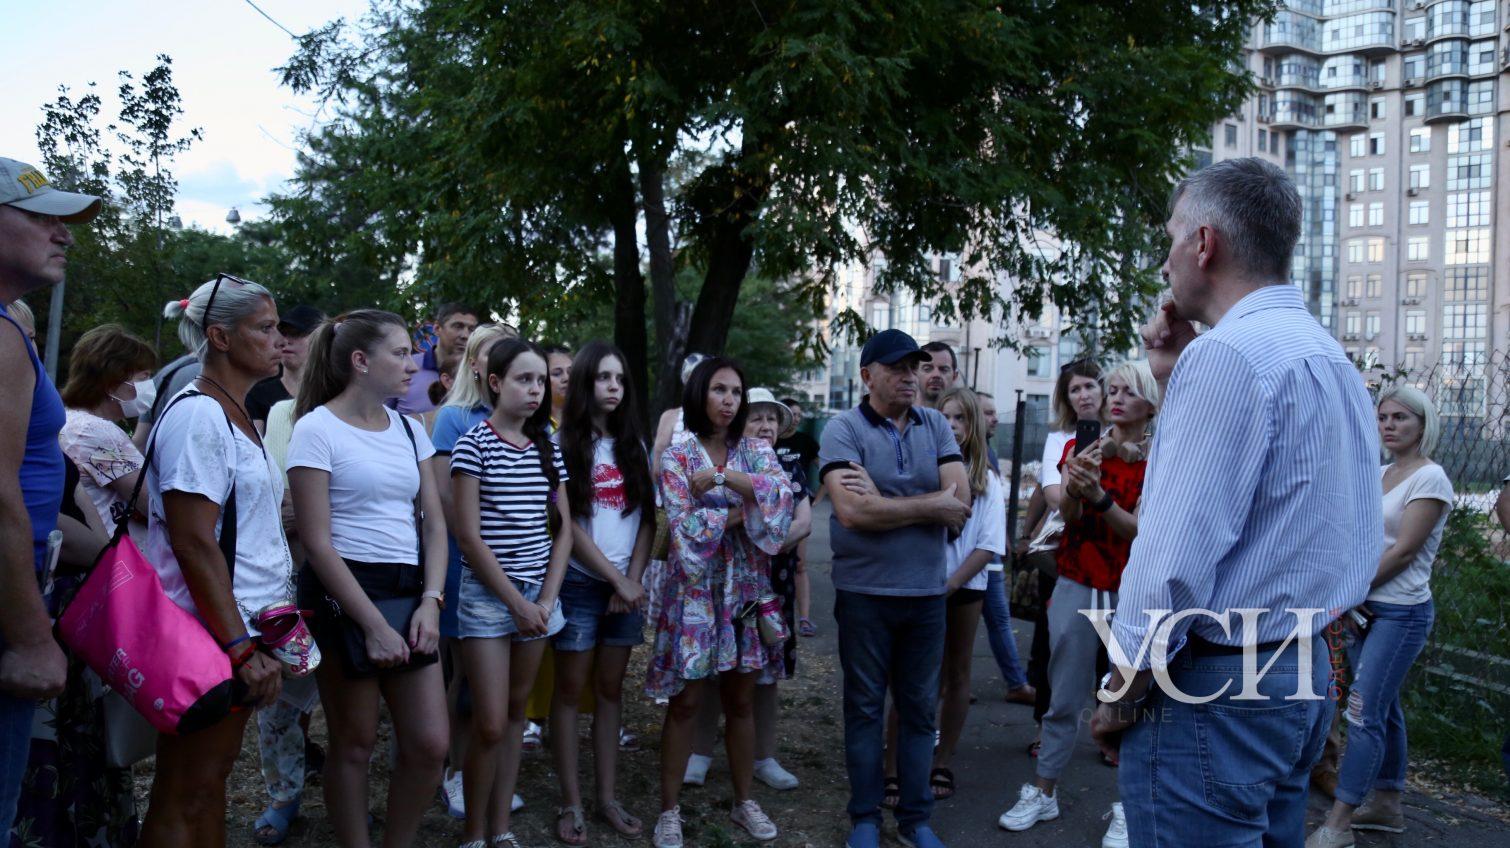 Наши дети будут гулять в бетоне? Одесситы выступили против застройки теннисных кортов в парке Шевченко (фото, видео) «фото»